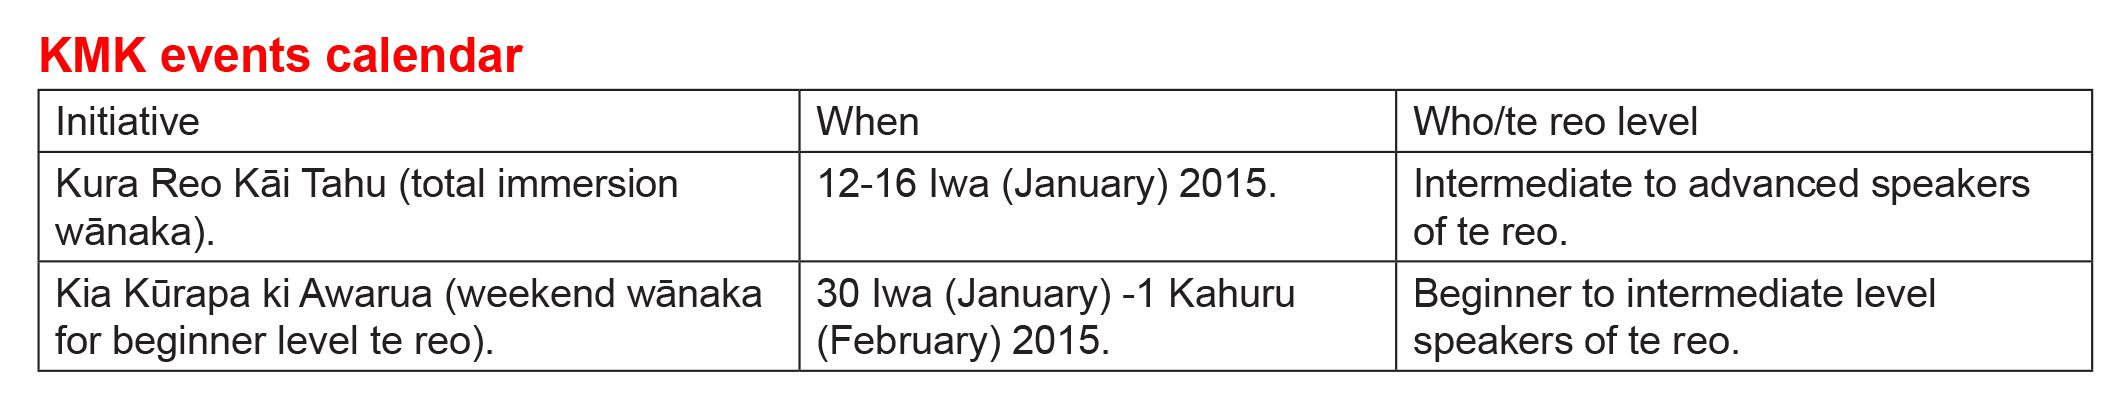 kmk dec2014 events calendar